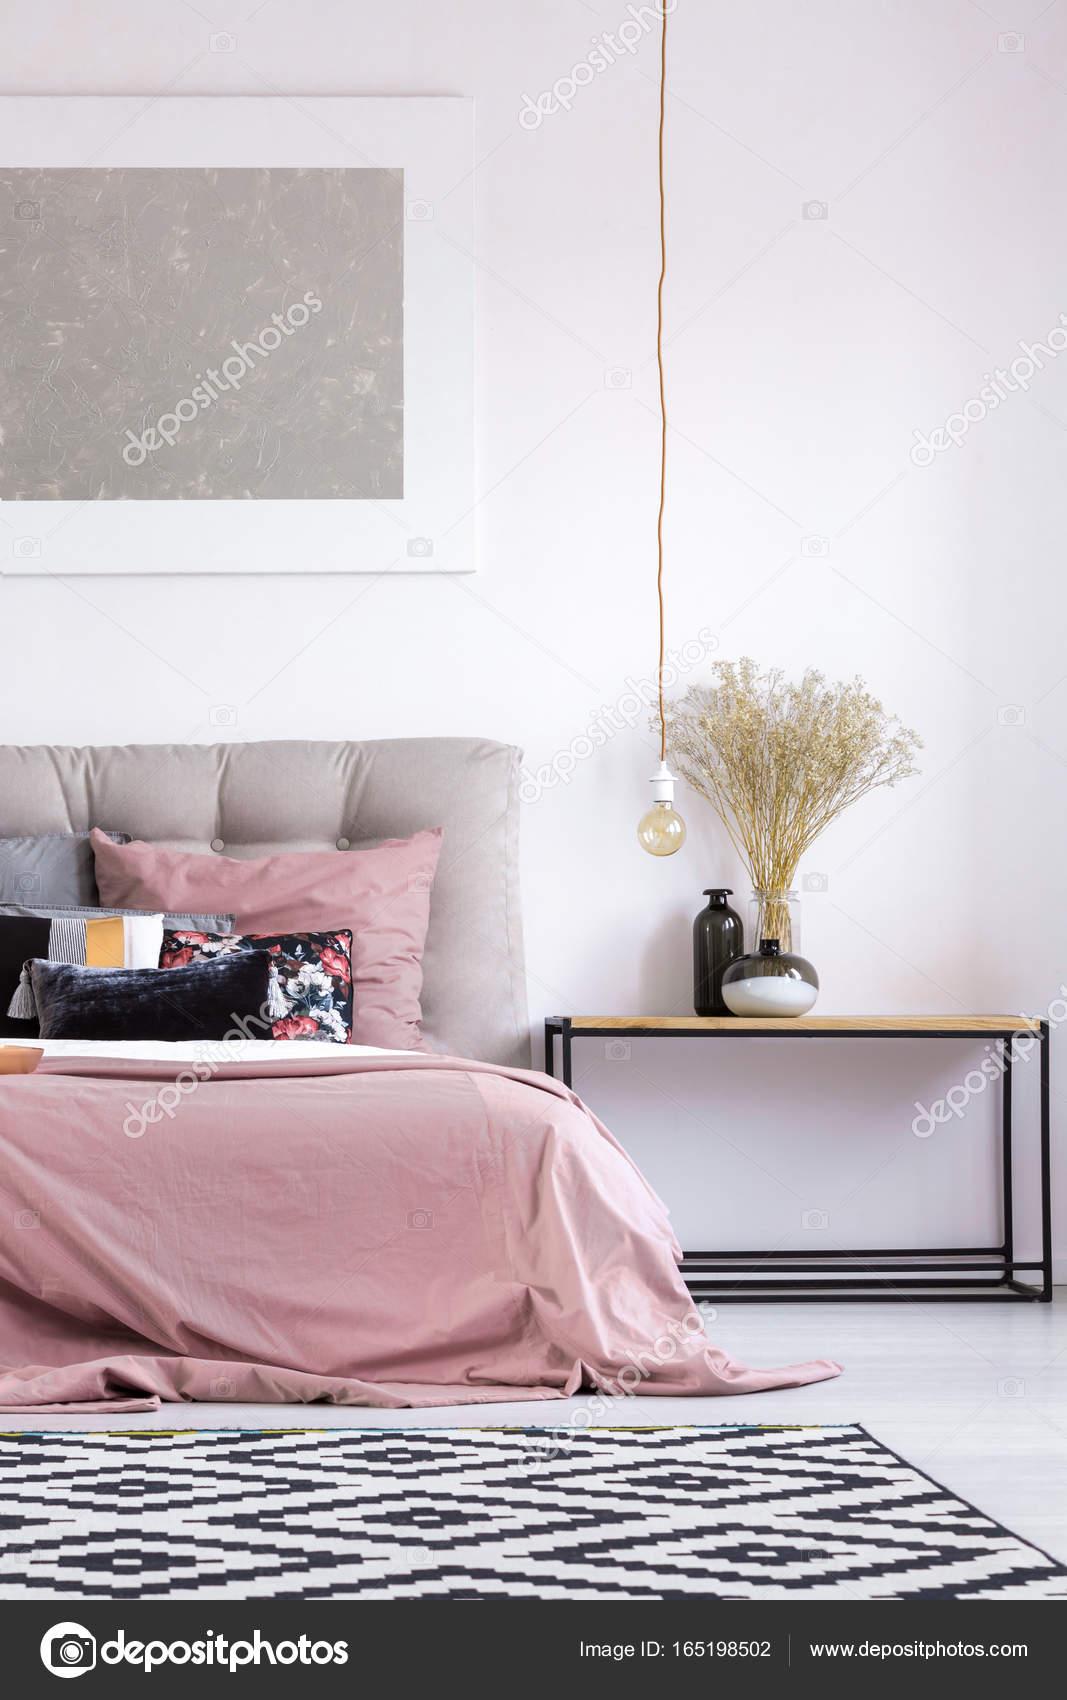 bloemen in vaas op houten tafel en koperen lamp in pastel gezellige slaapkamer met grijs schilderen op de muur foto van photographeeeu